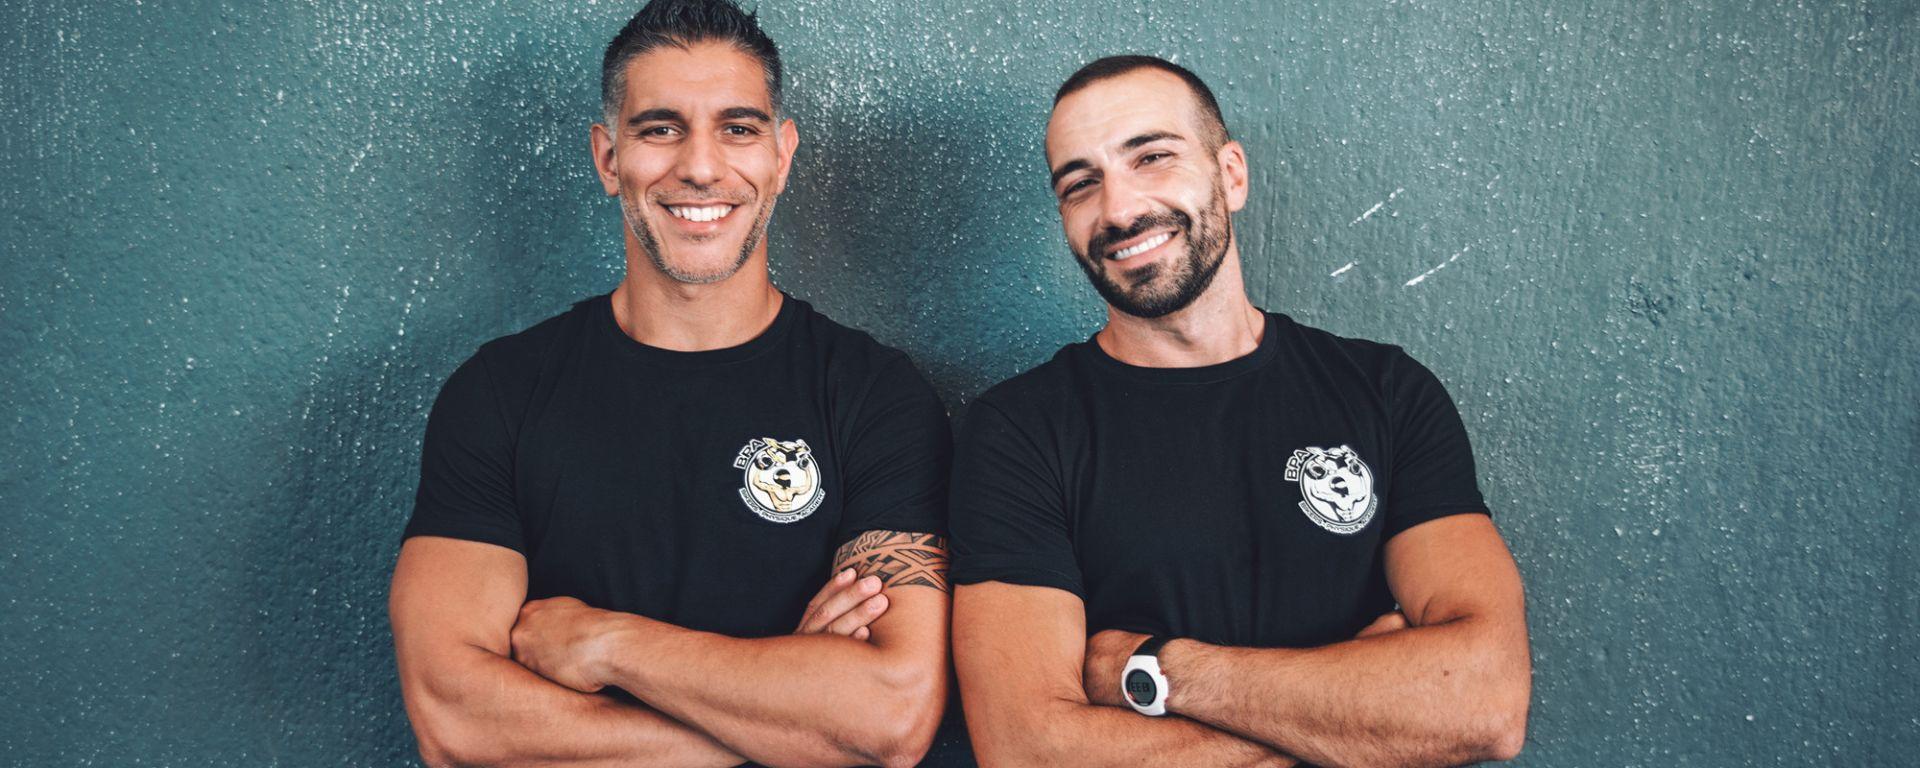 Stefano Ledda e Maurizio Madaffari di Bikers Physique Academy